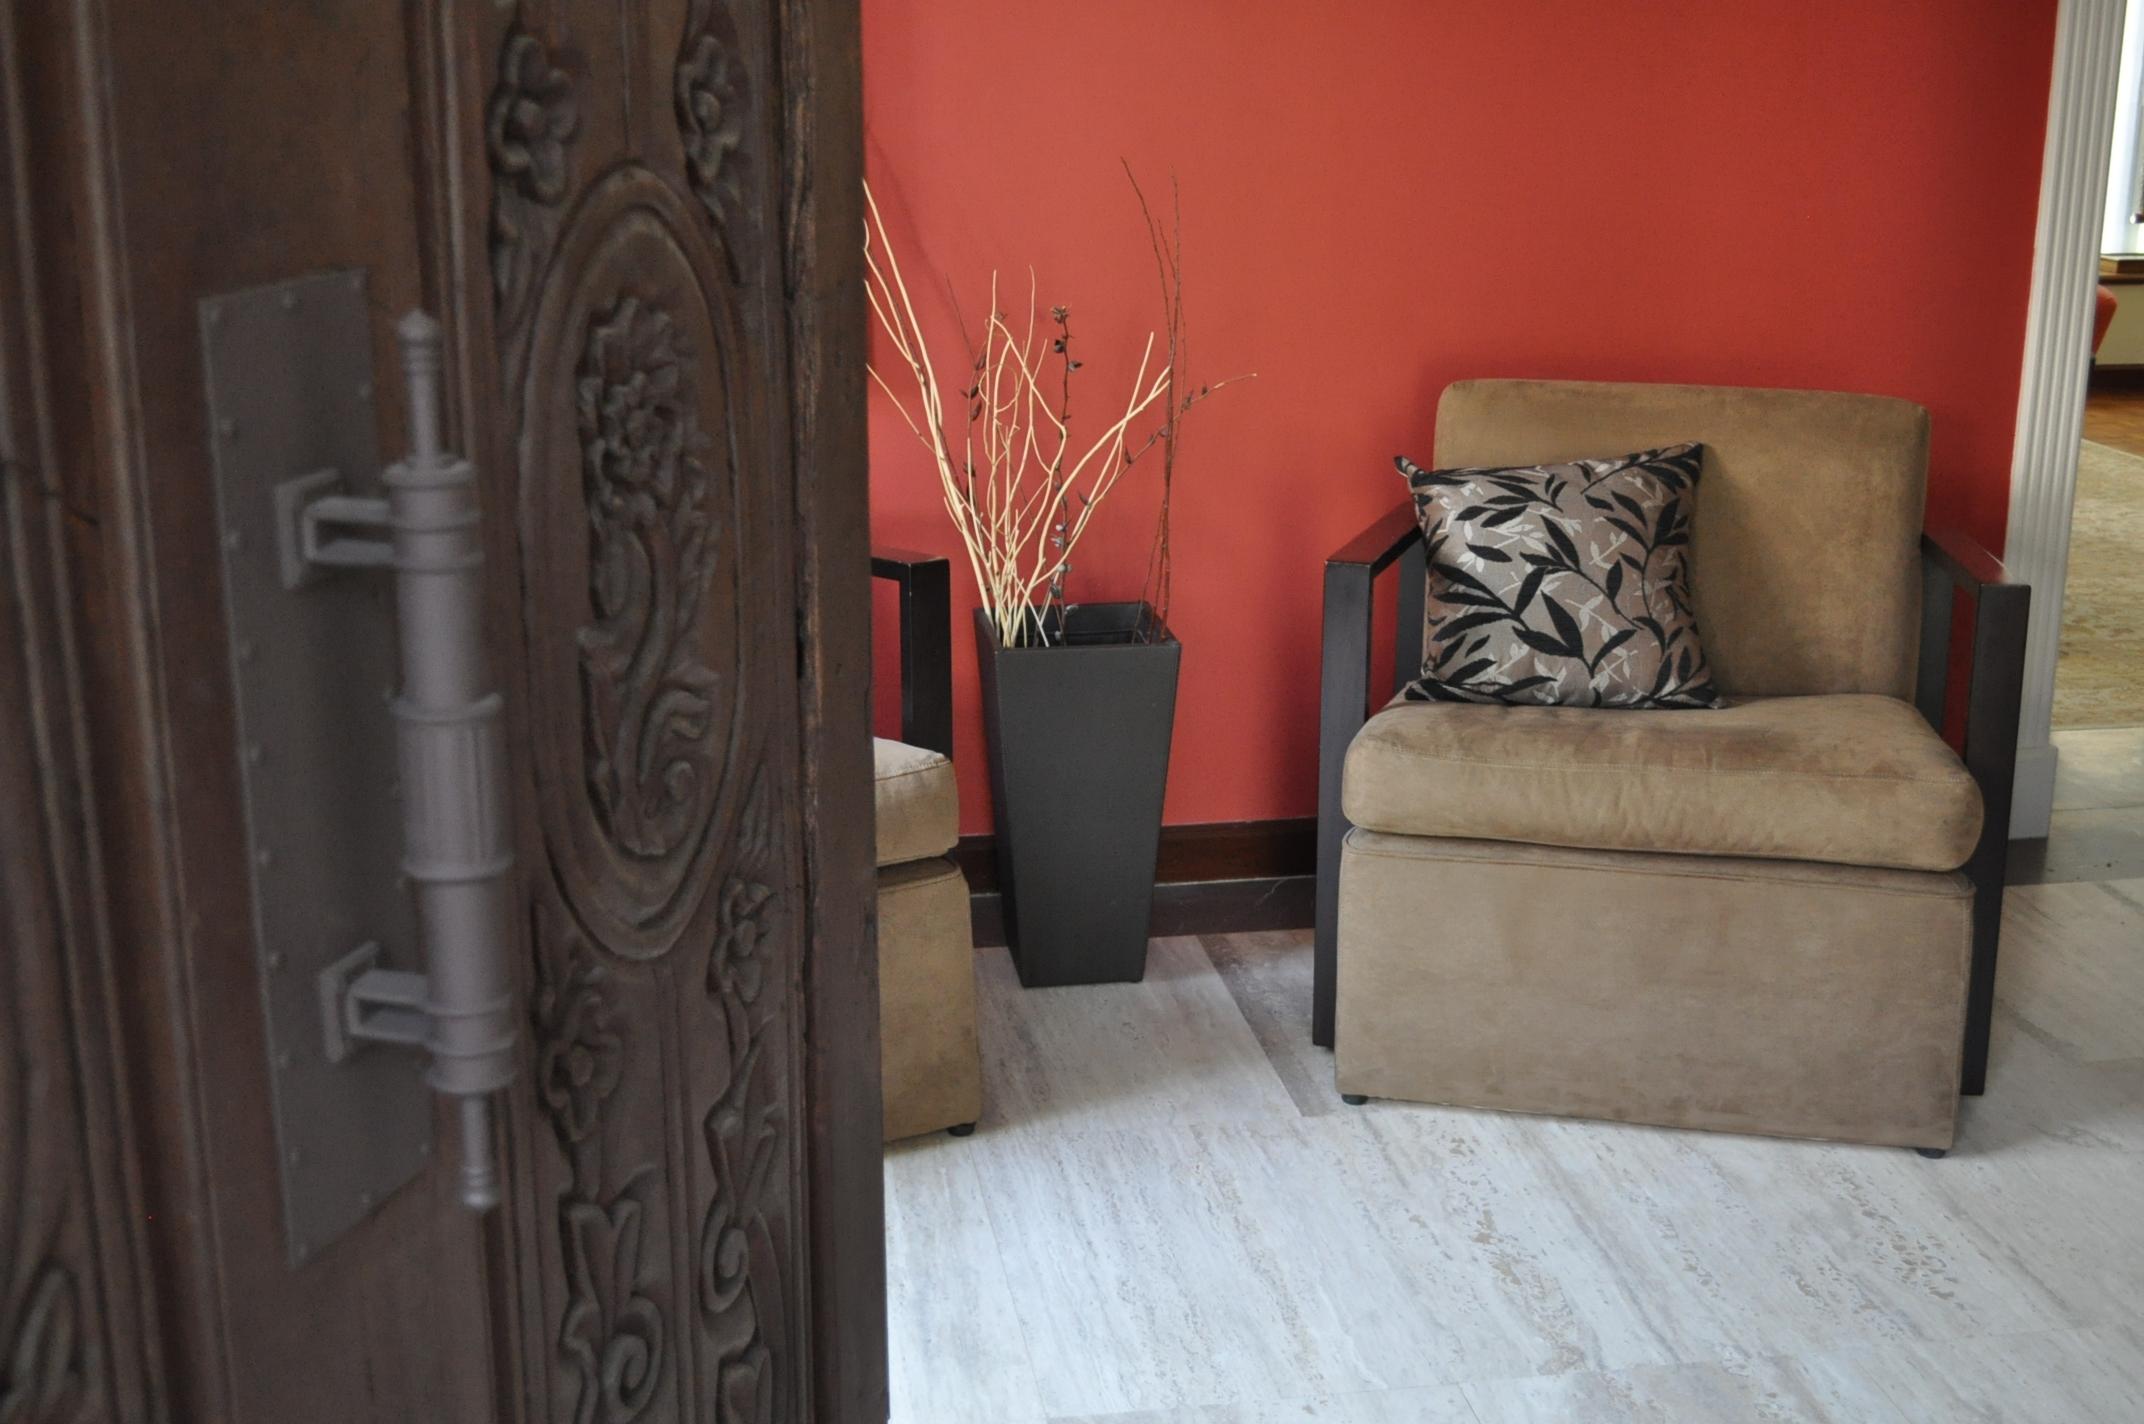 CLÁSICO CON UN GIRO CONTEMPORÁNEO - Para remodelar esta casa estilo Californiano de más de 40 años, buscamos contrastar lo clásico de la arquitectura con elementos contemporáneos en mobiliario, accesorios y acabados.